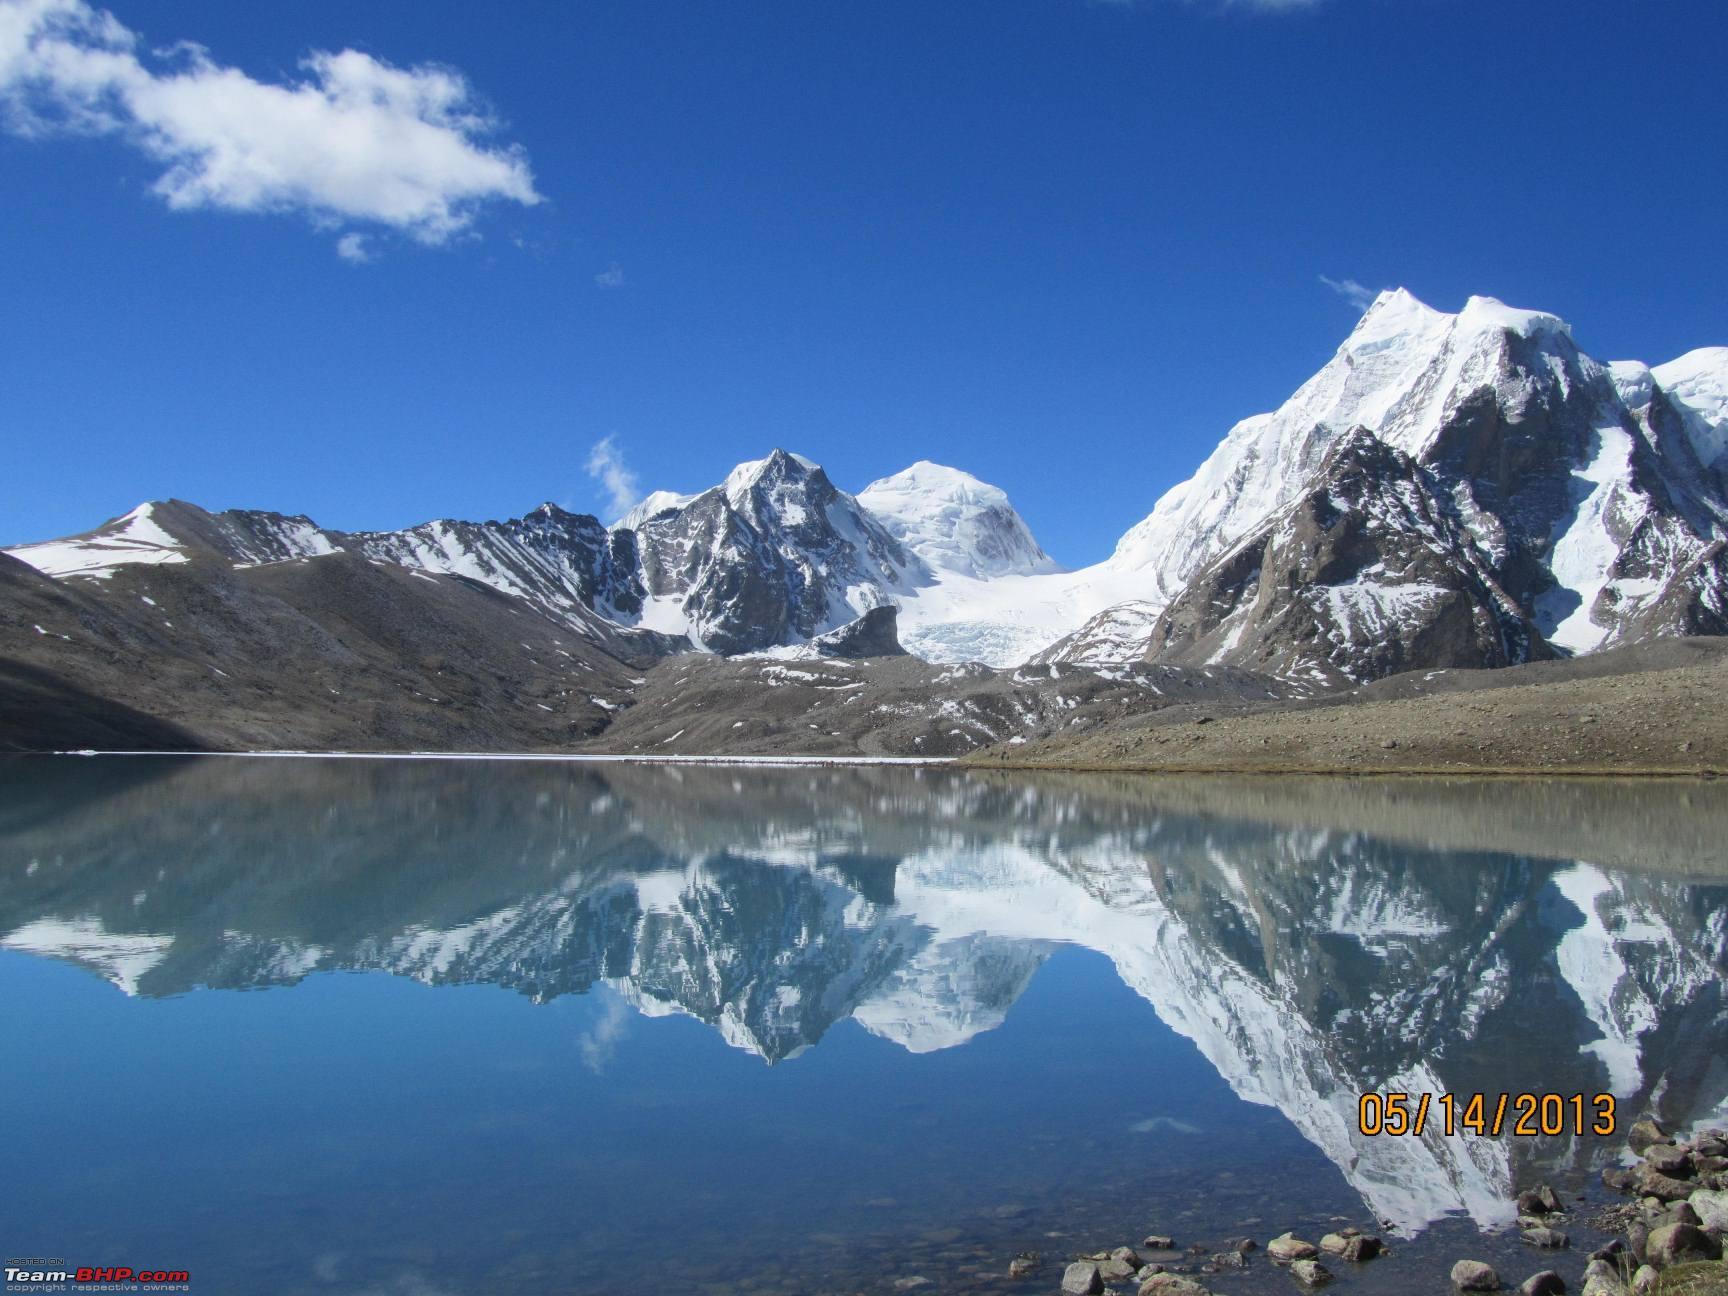 Sikkim Gangtok Himalayas Heights Calling Team Bhp